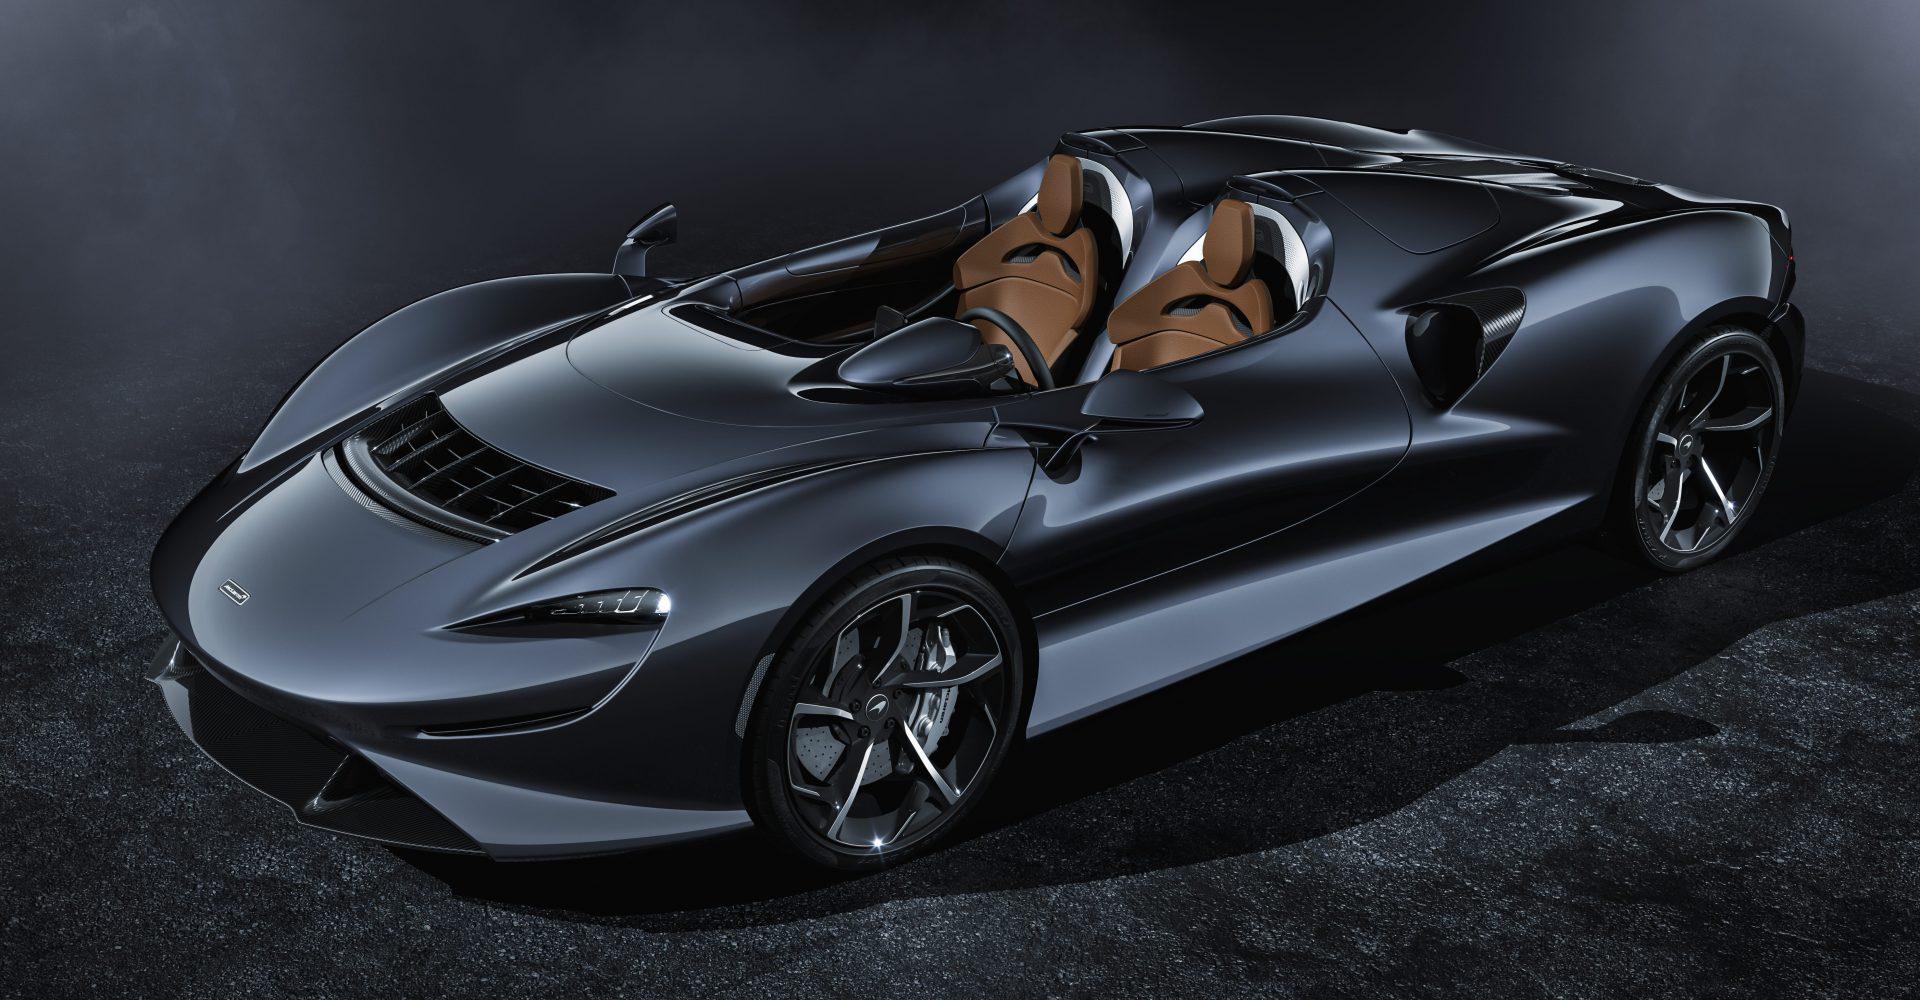 McLaren reveals 804bhp, £1.4m Elva roadster